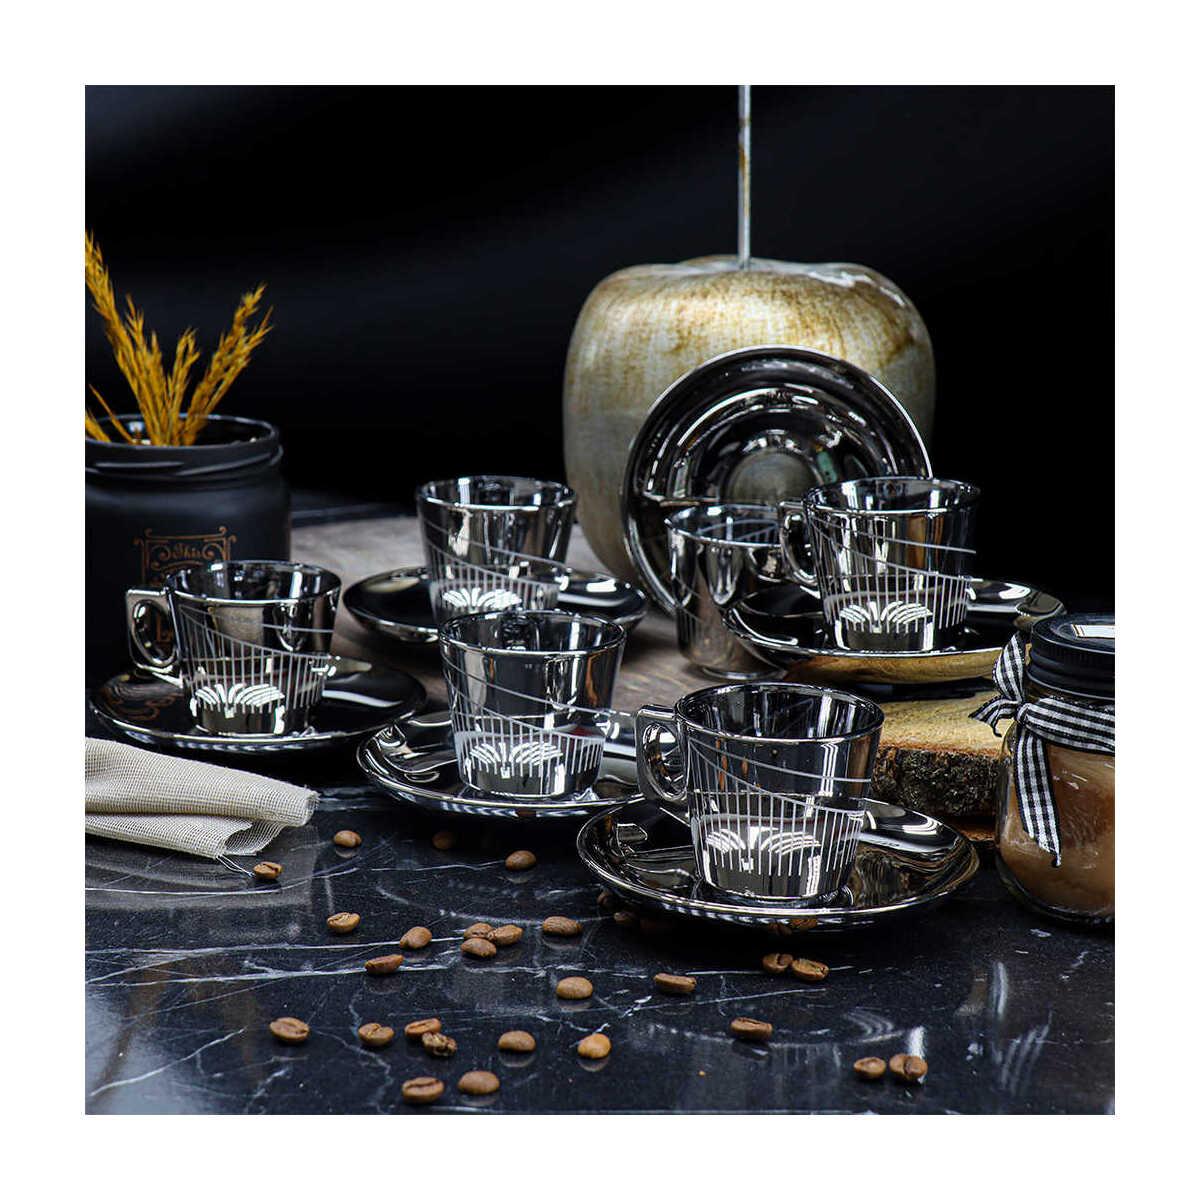 Kosova Bya-0004 Vela 6 Kişilik Cam Türk Kahvesi Fincan Takımı Silver